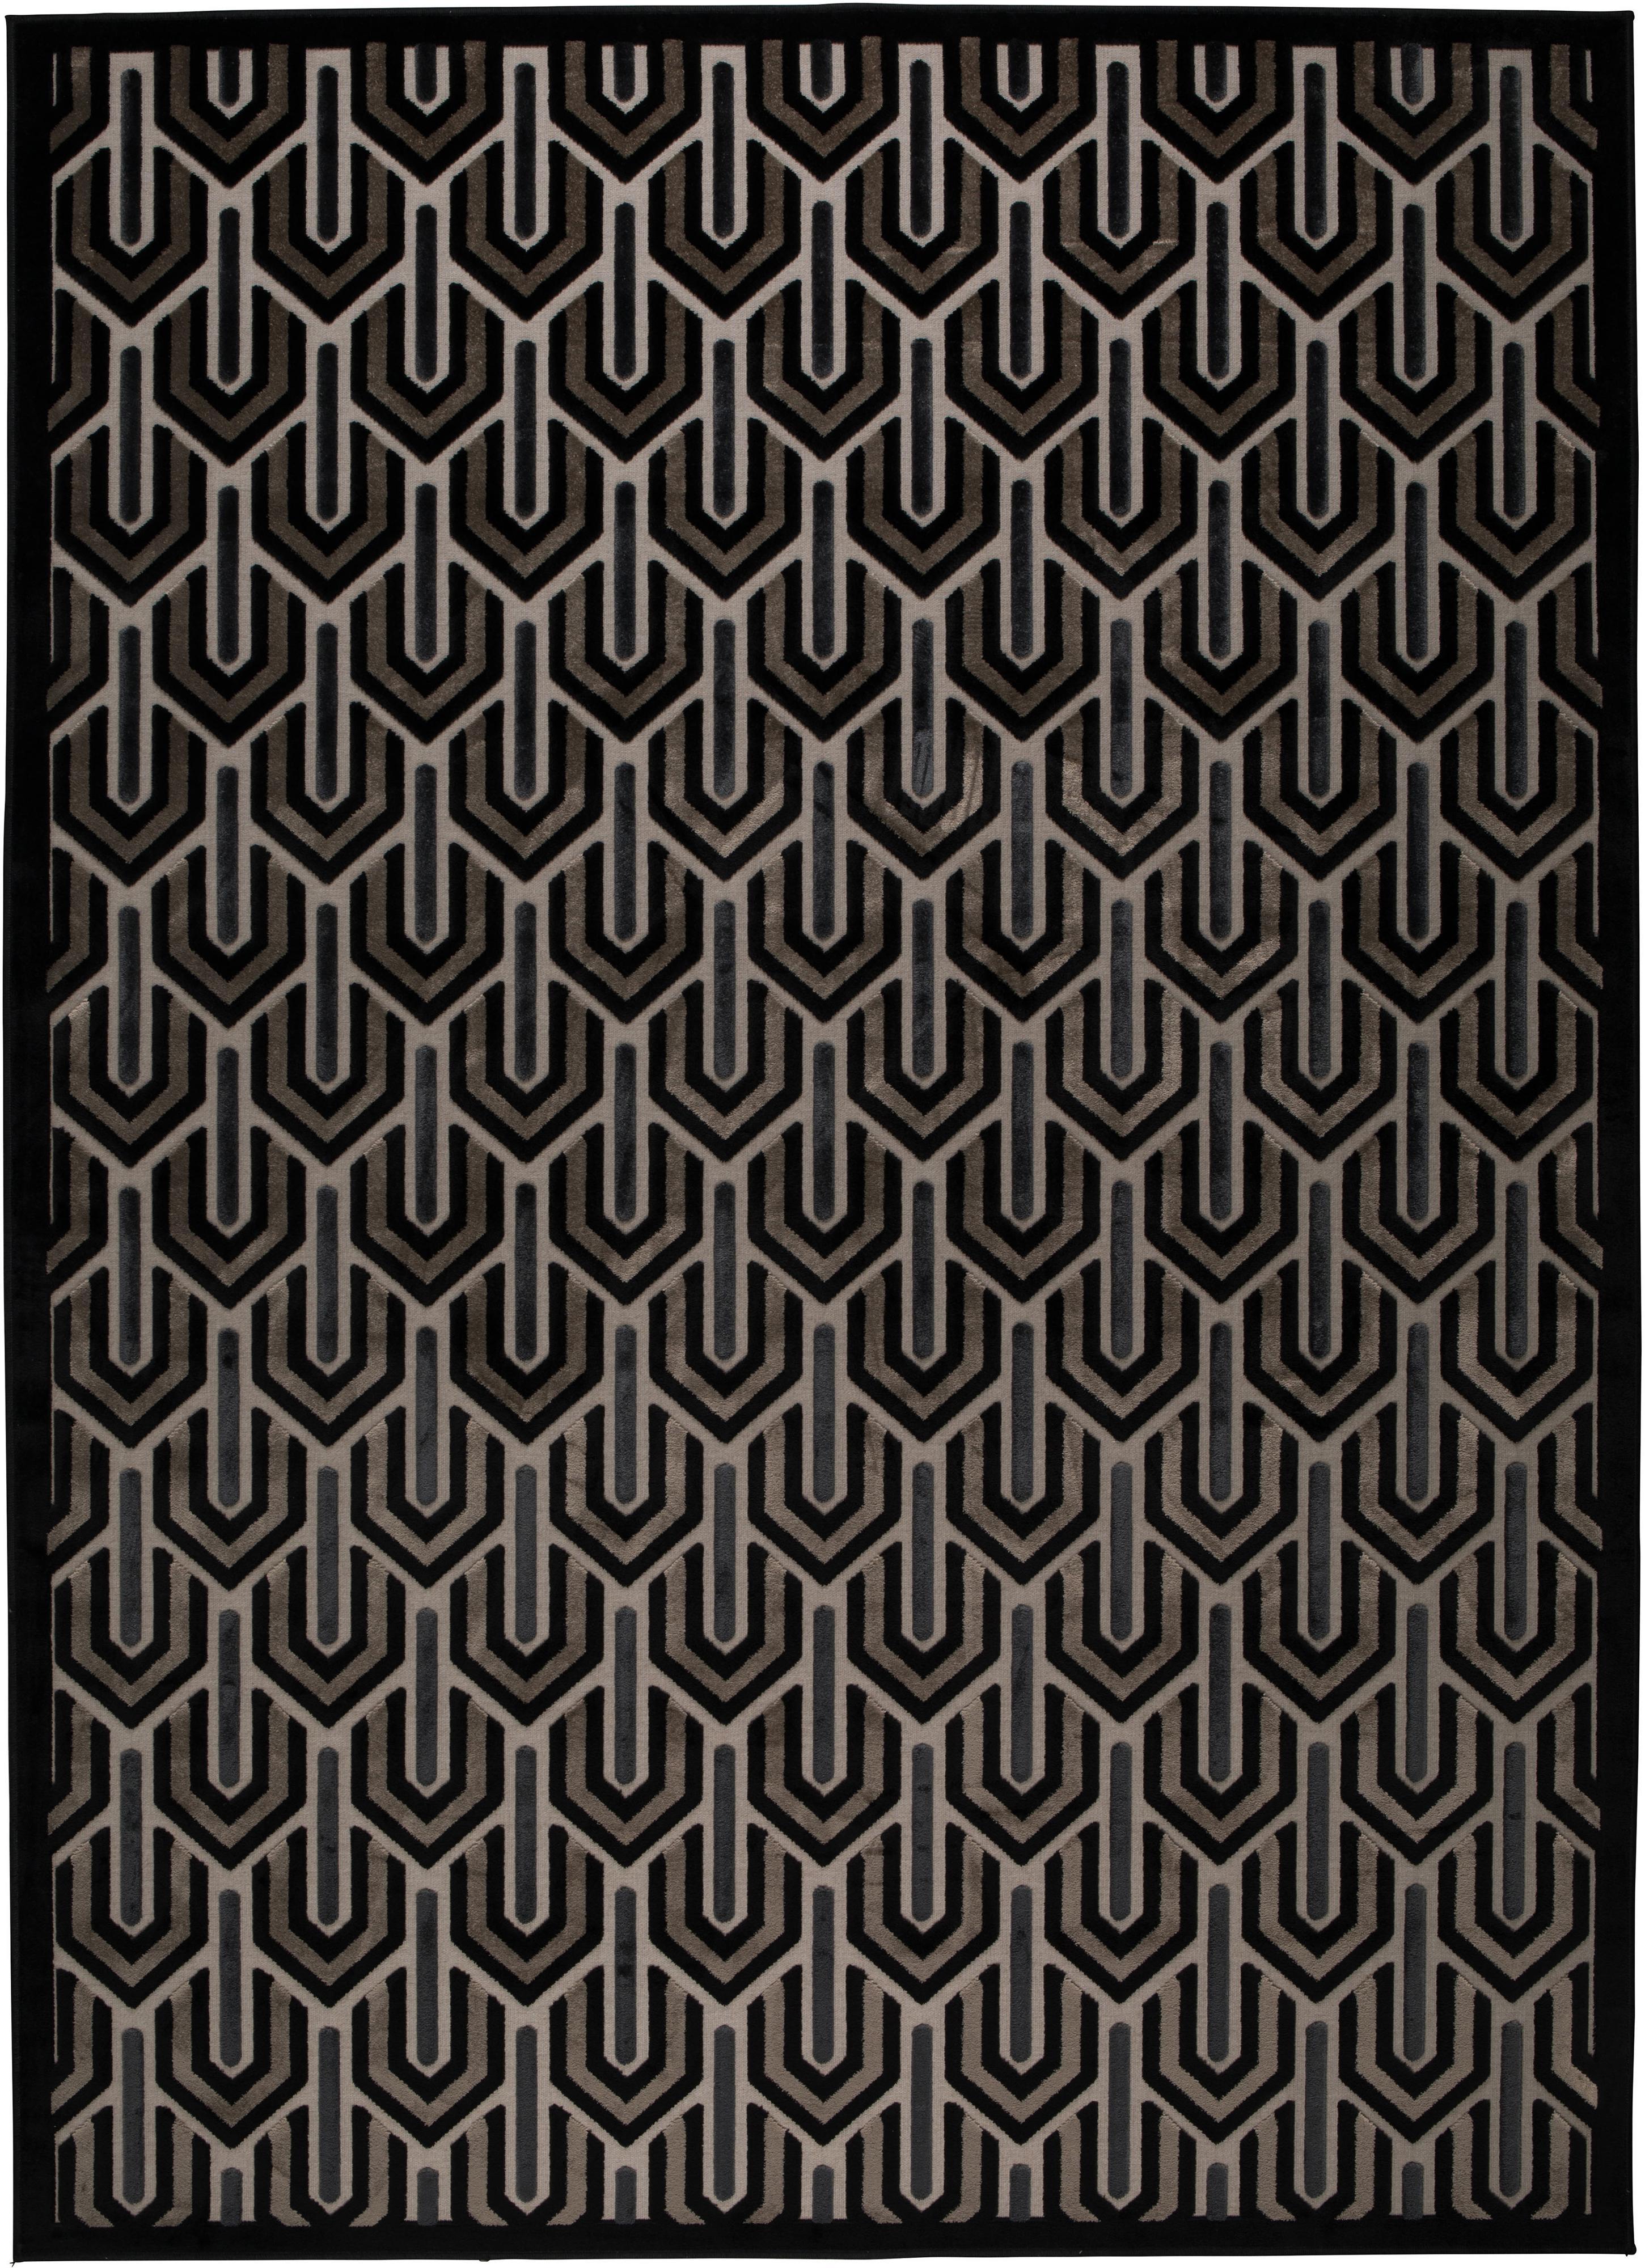 Teppich Beverly mit Hoch-Tief-Struktur, Flor: 57% Rayon, 31% Polyester,, Schwarz, Beige, Grau, B 170 x L 240 cm (Größe M)